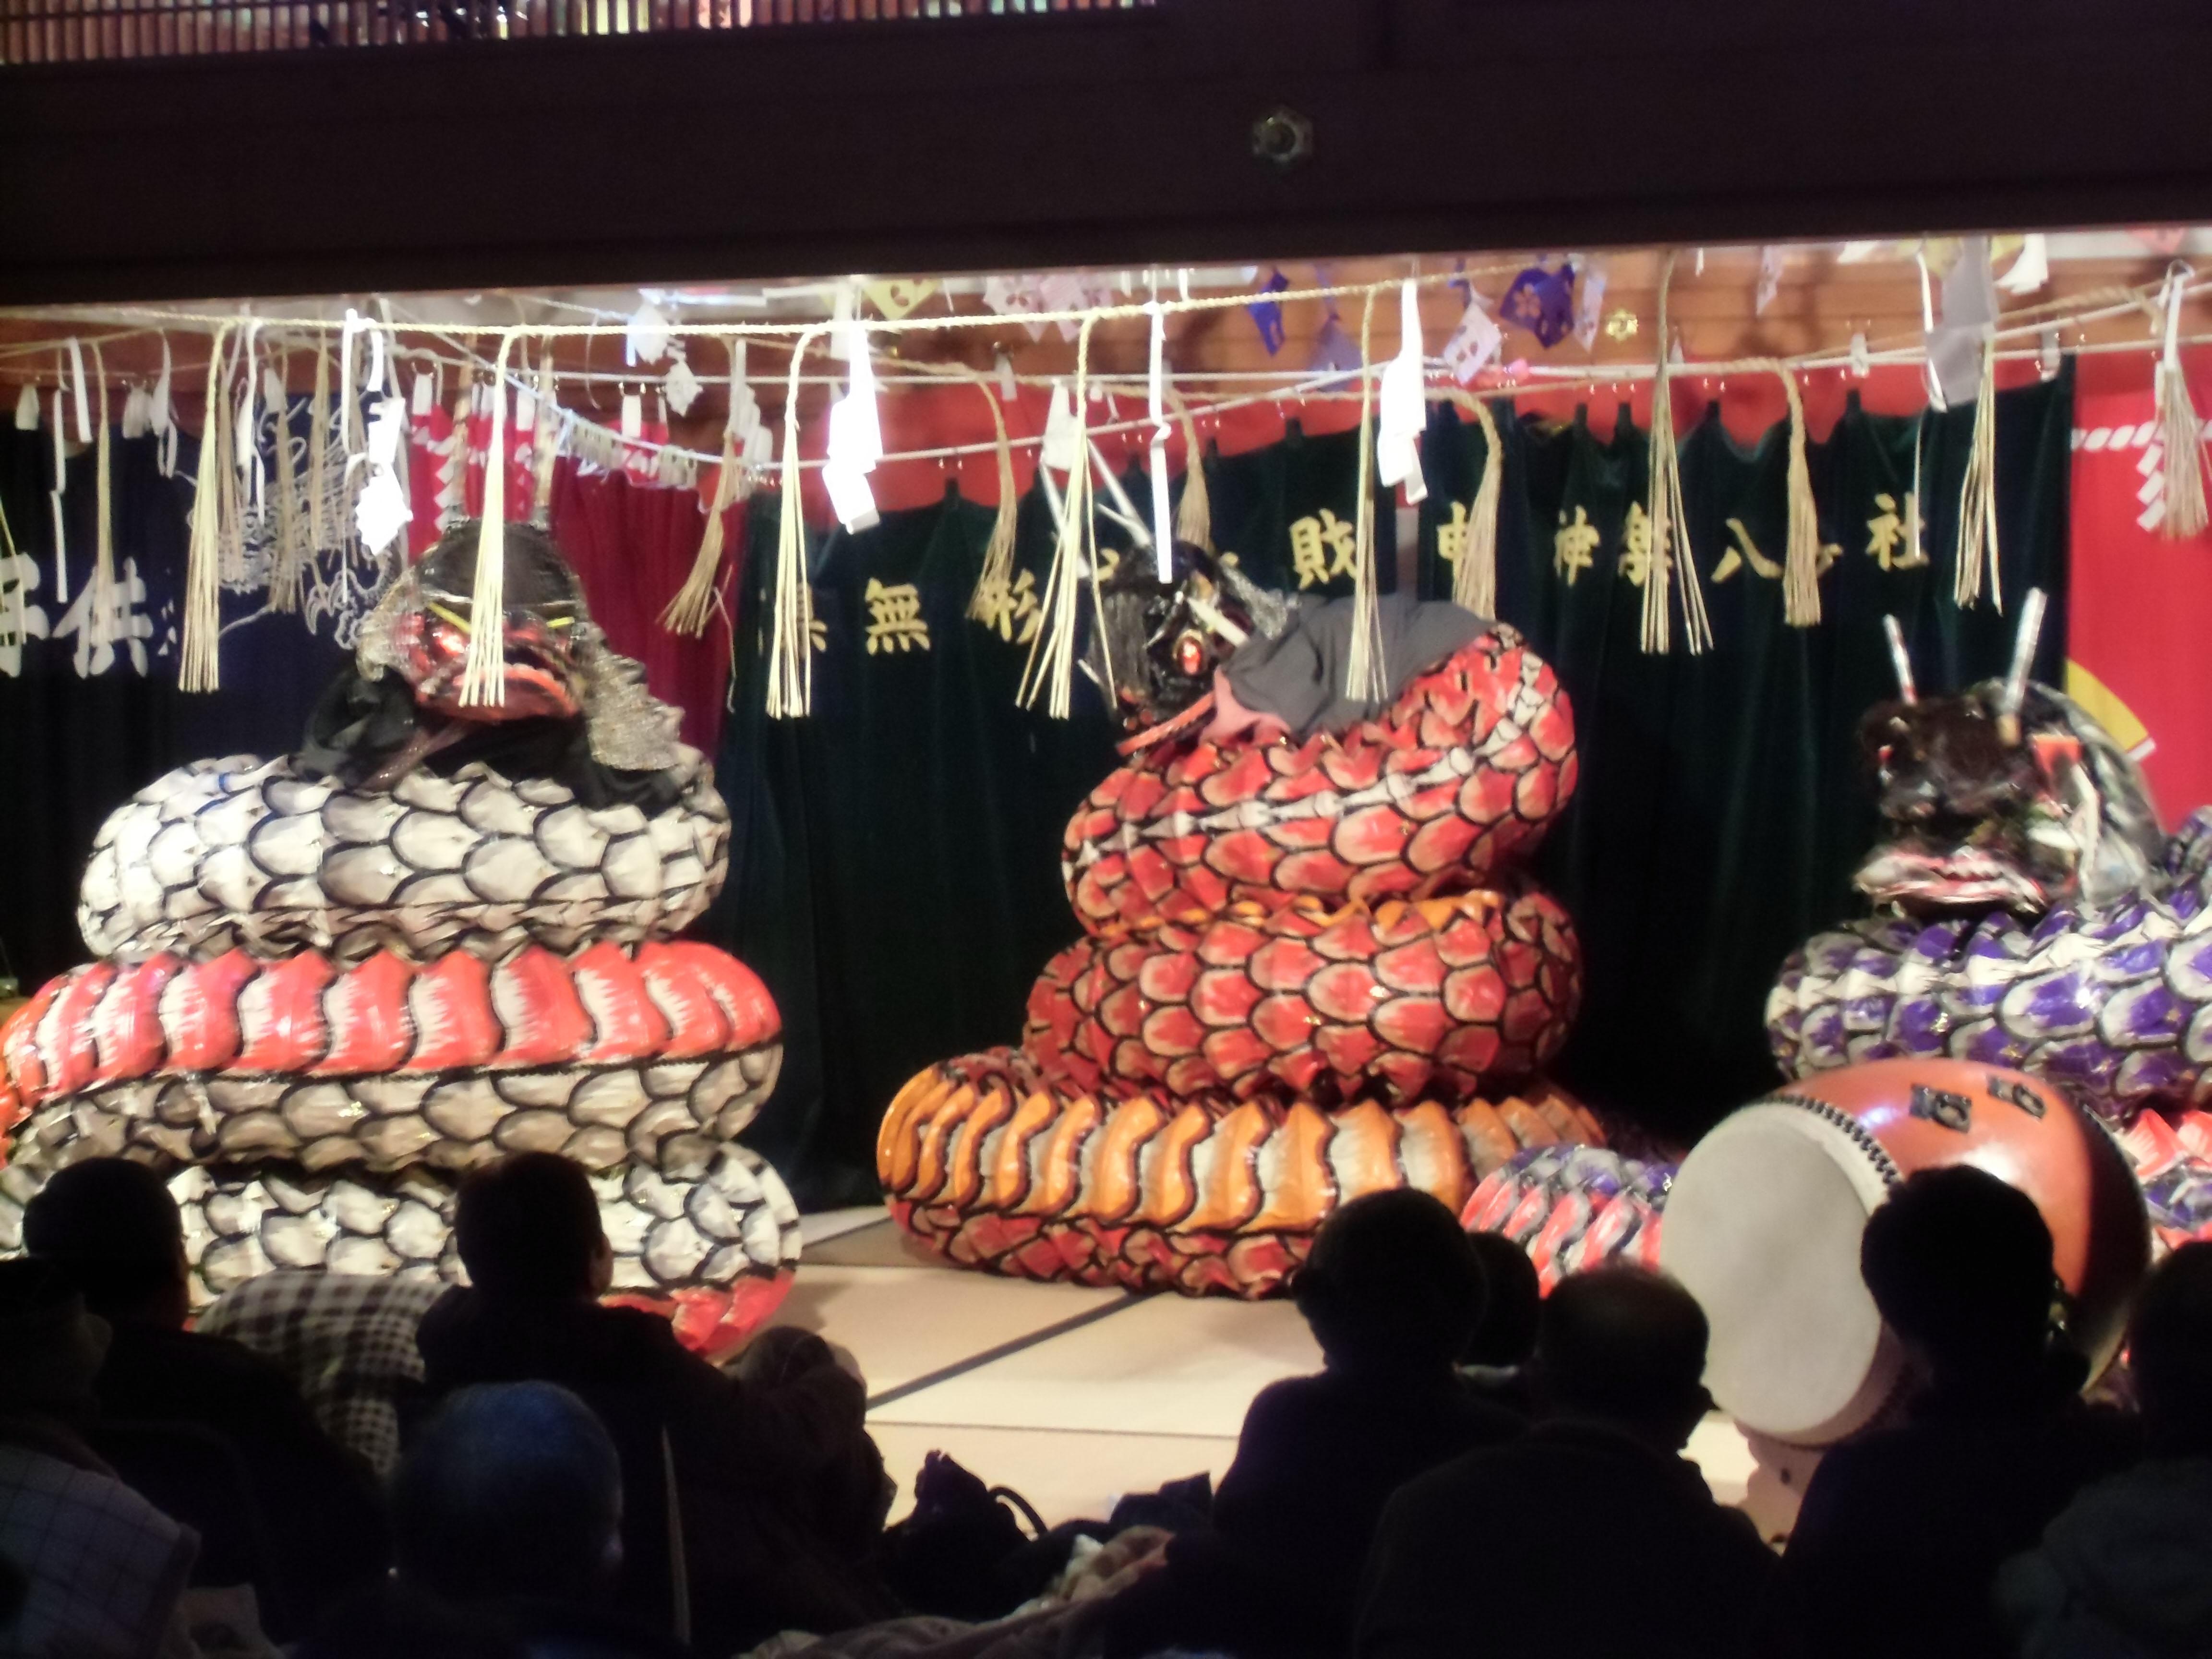 「第8回光信寺新春神楽共演会」2015/1/3開催-文化伝統活動を支援するツネイシみらい財団